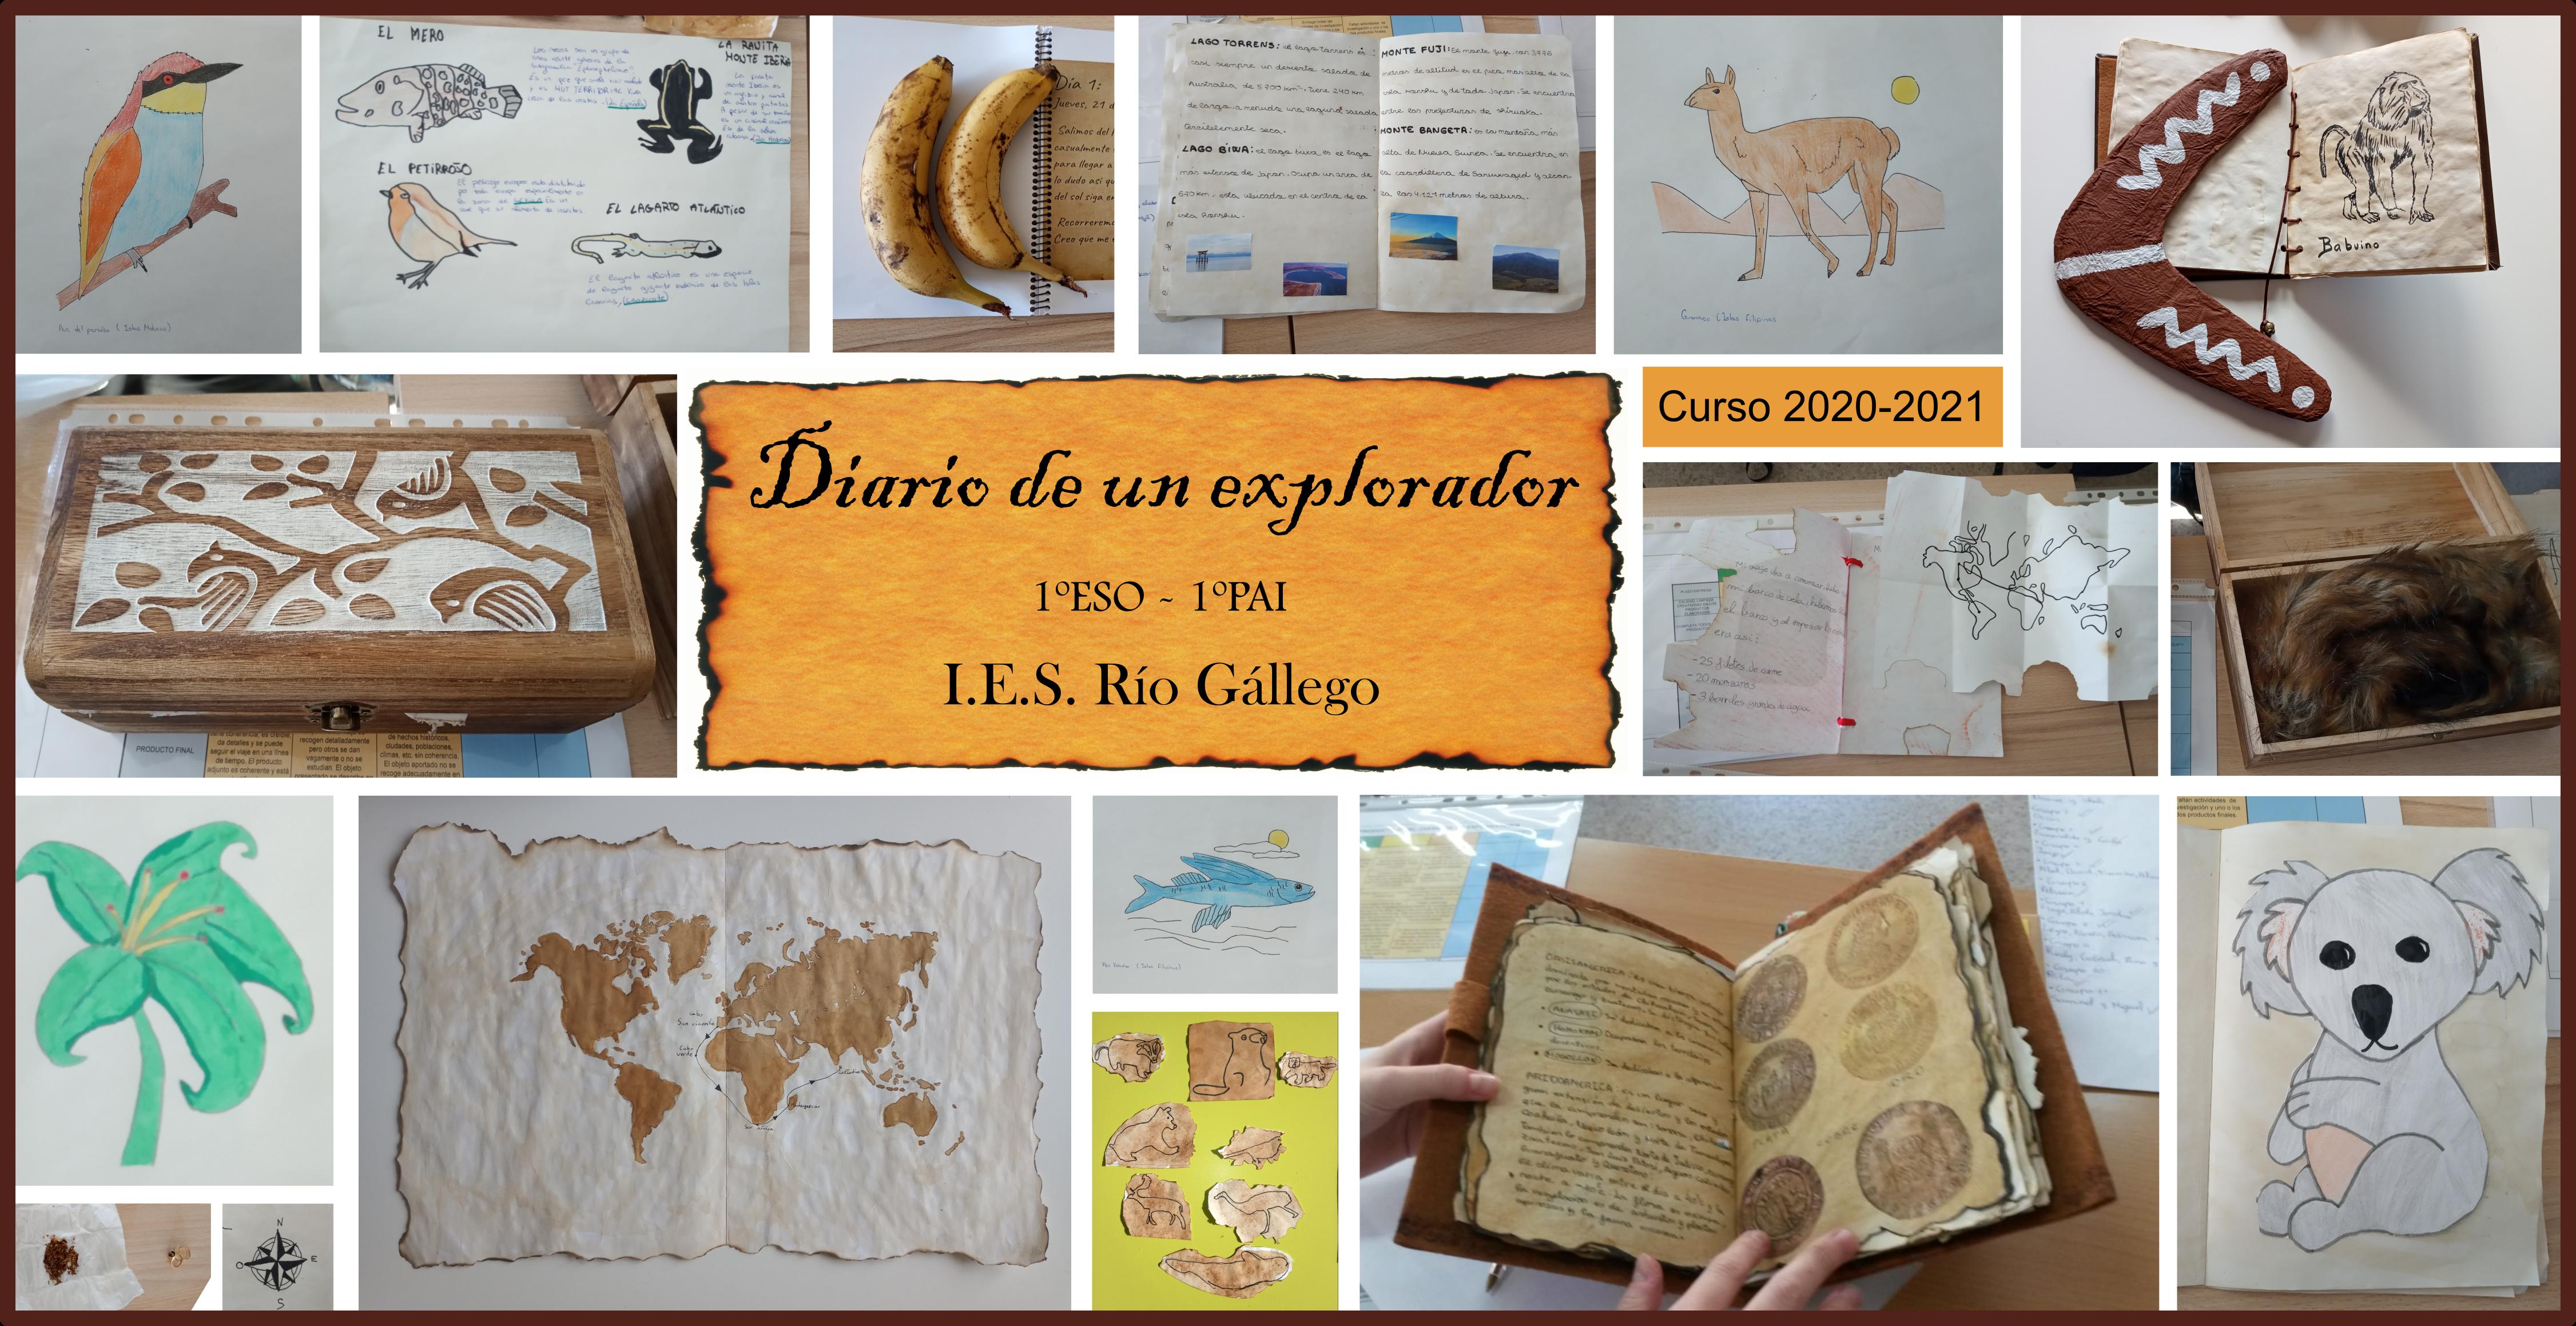 Diario de un explorador 2